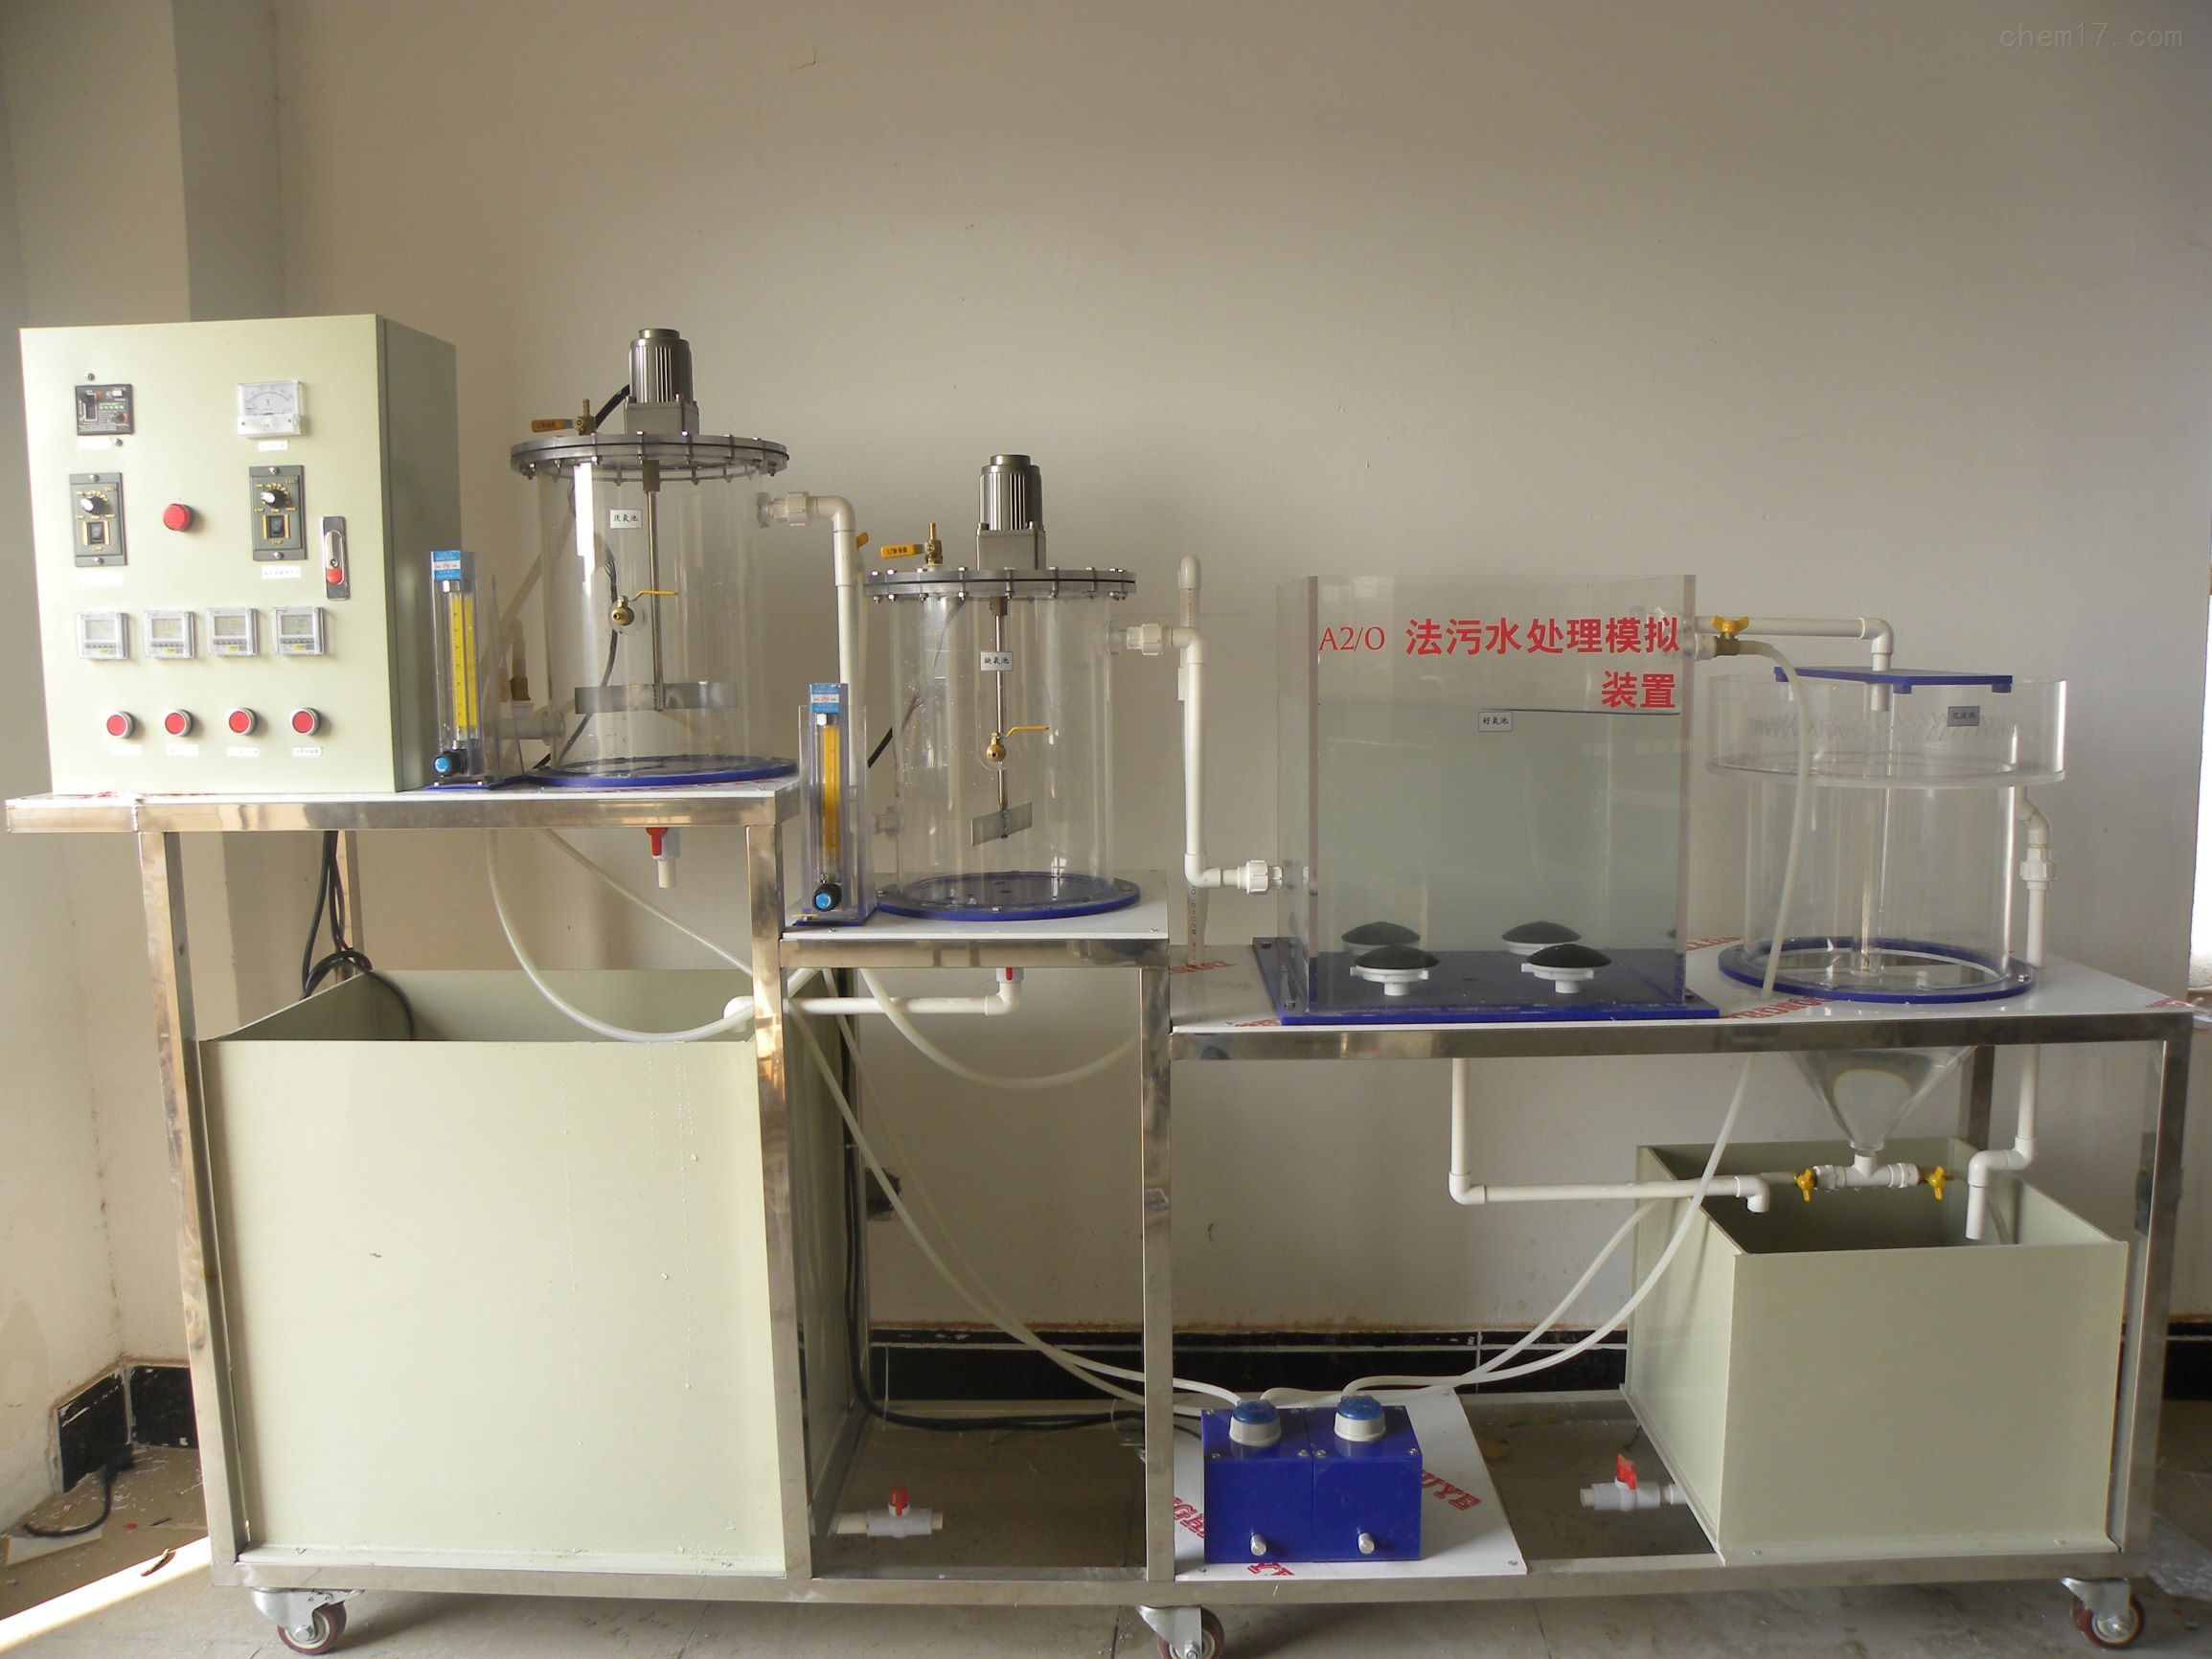 A²/O工艺城市污水处理模拟实验装置